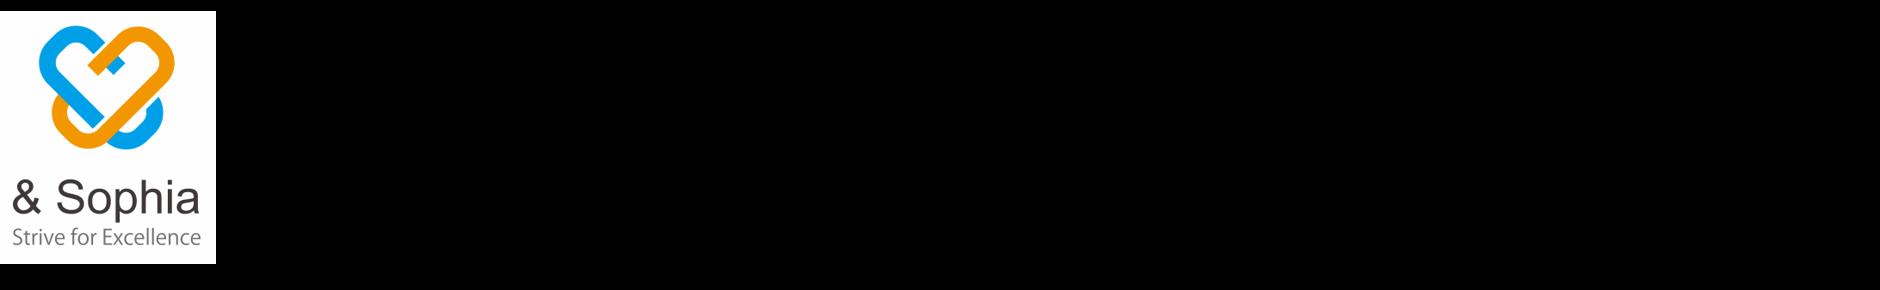 株式会社アンドソフィア